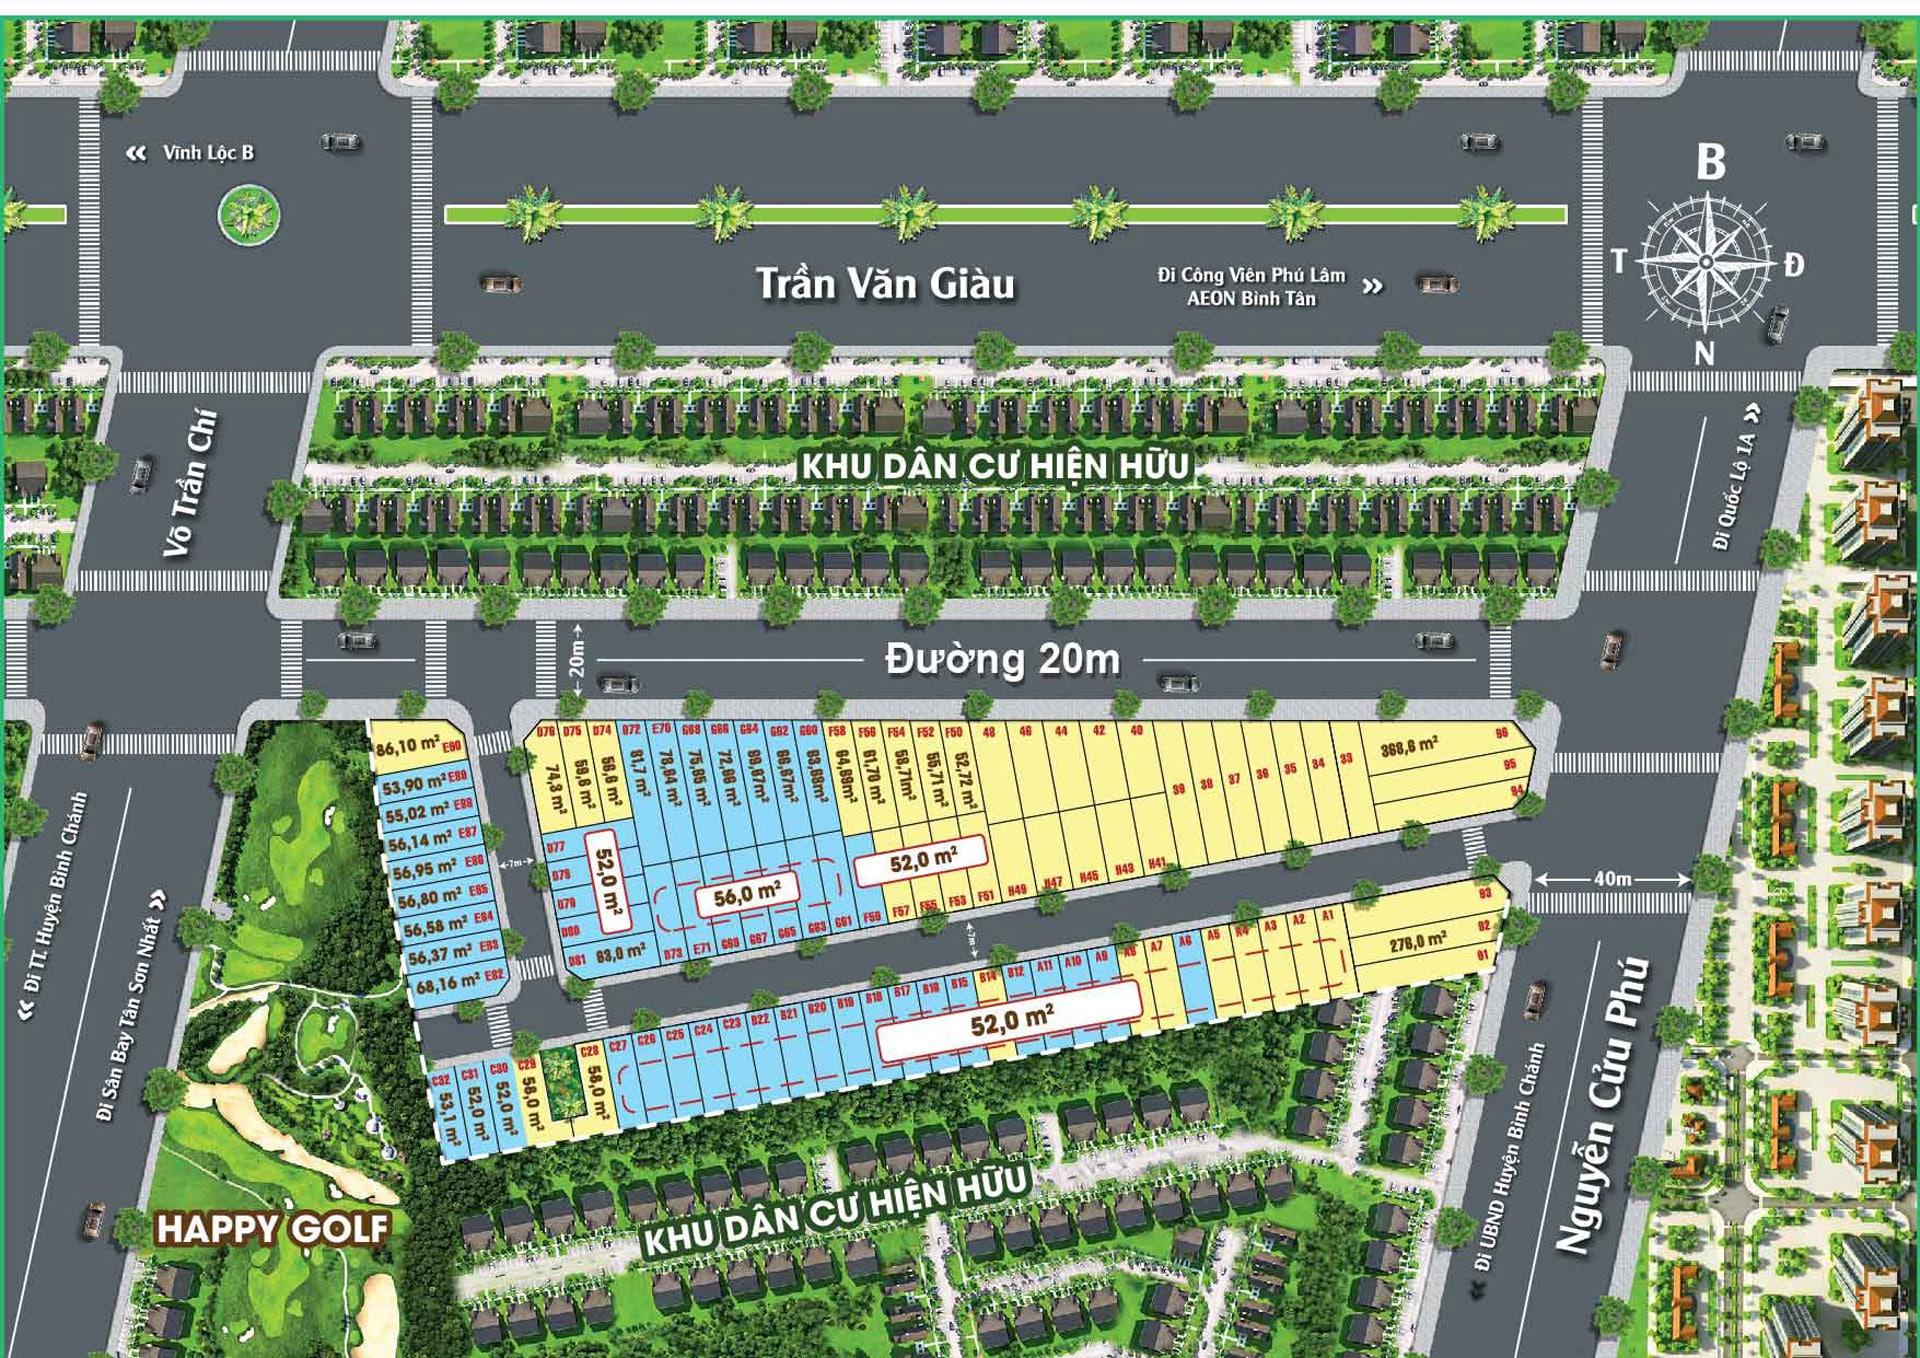 Mặt bằng phân lô Dự án Saigon West Broadway - DỰ ÁN SAIGON WEST BROADWAY BÌNH TÂN